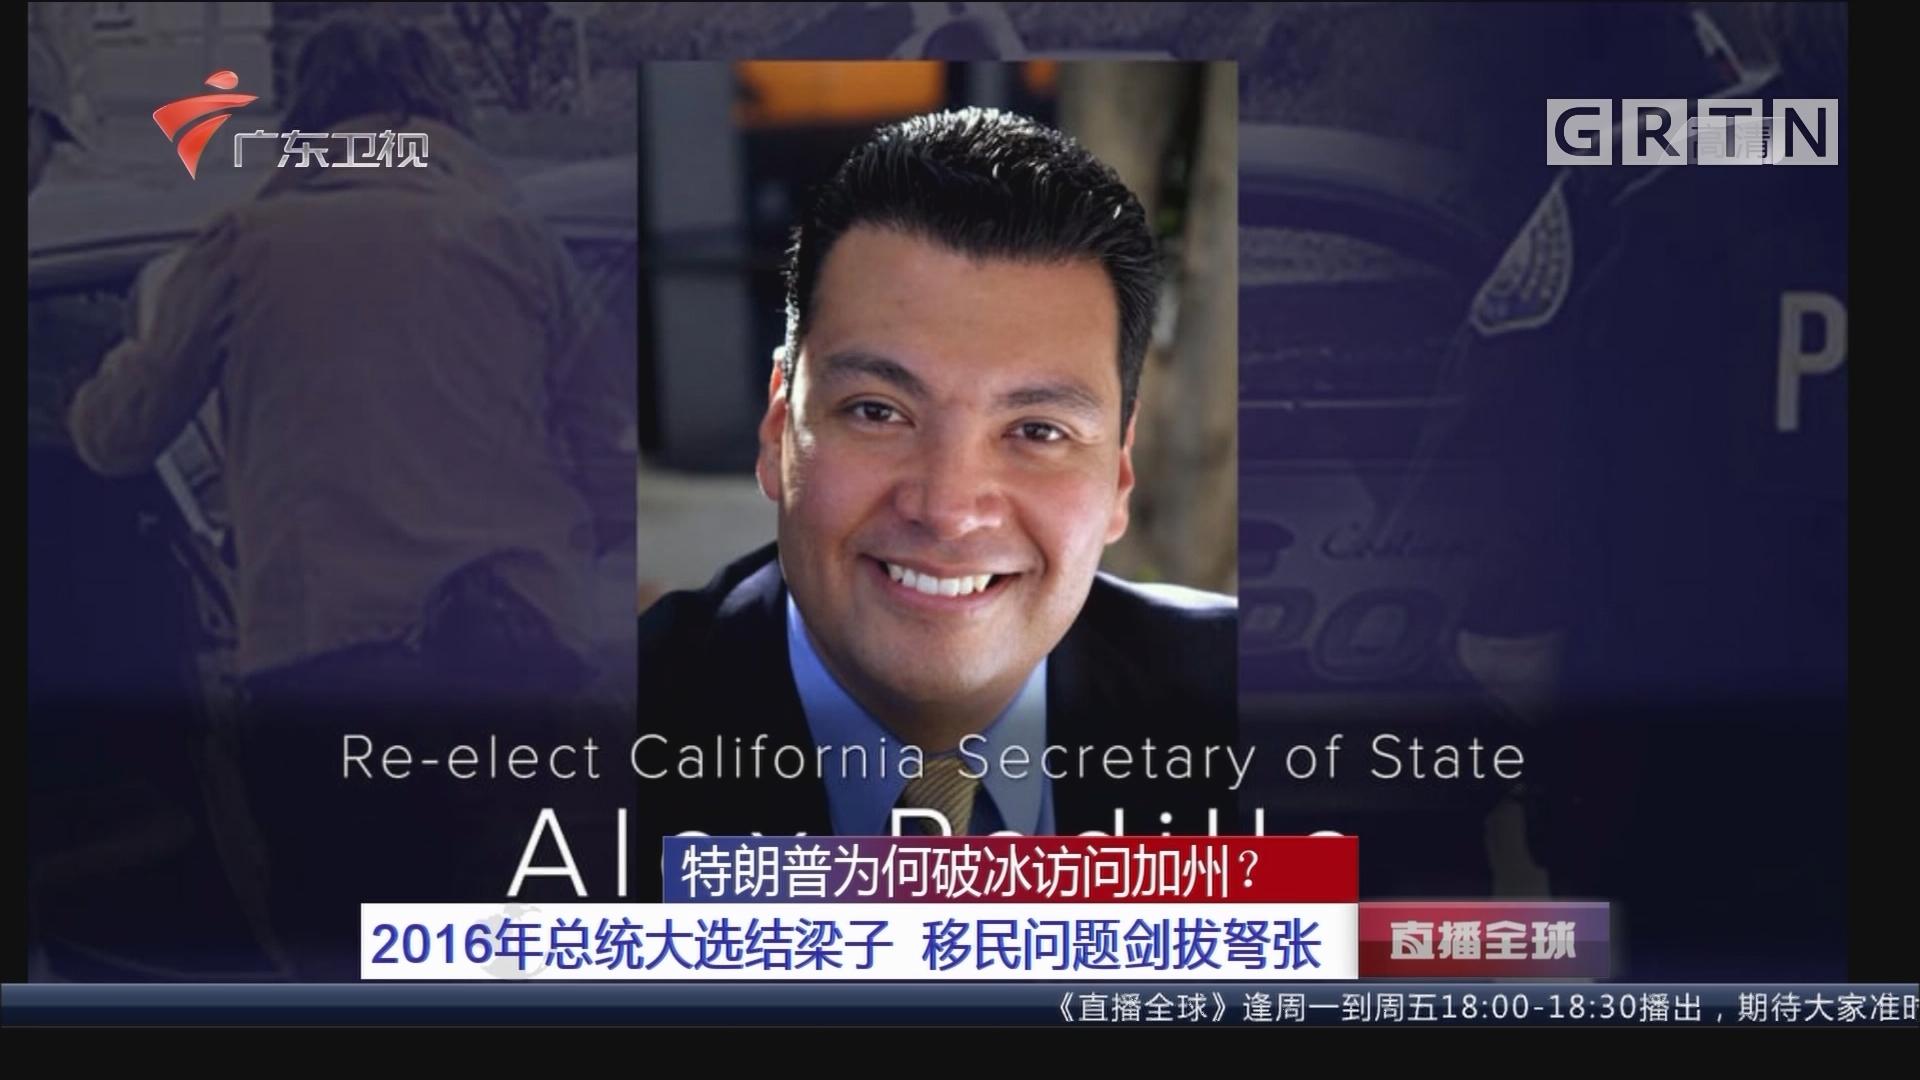 特朗普为何破冰访问加州?2016年总统大选结梁子 移民问题剑拔弩张